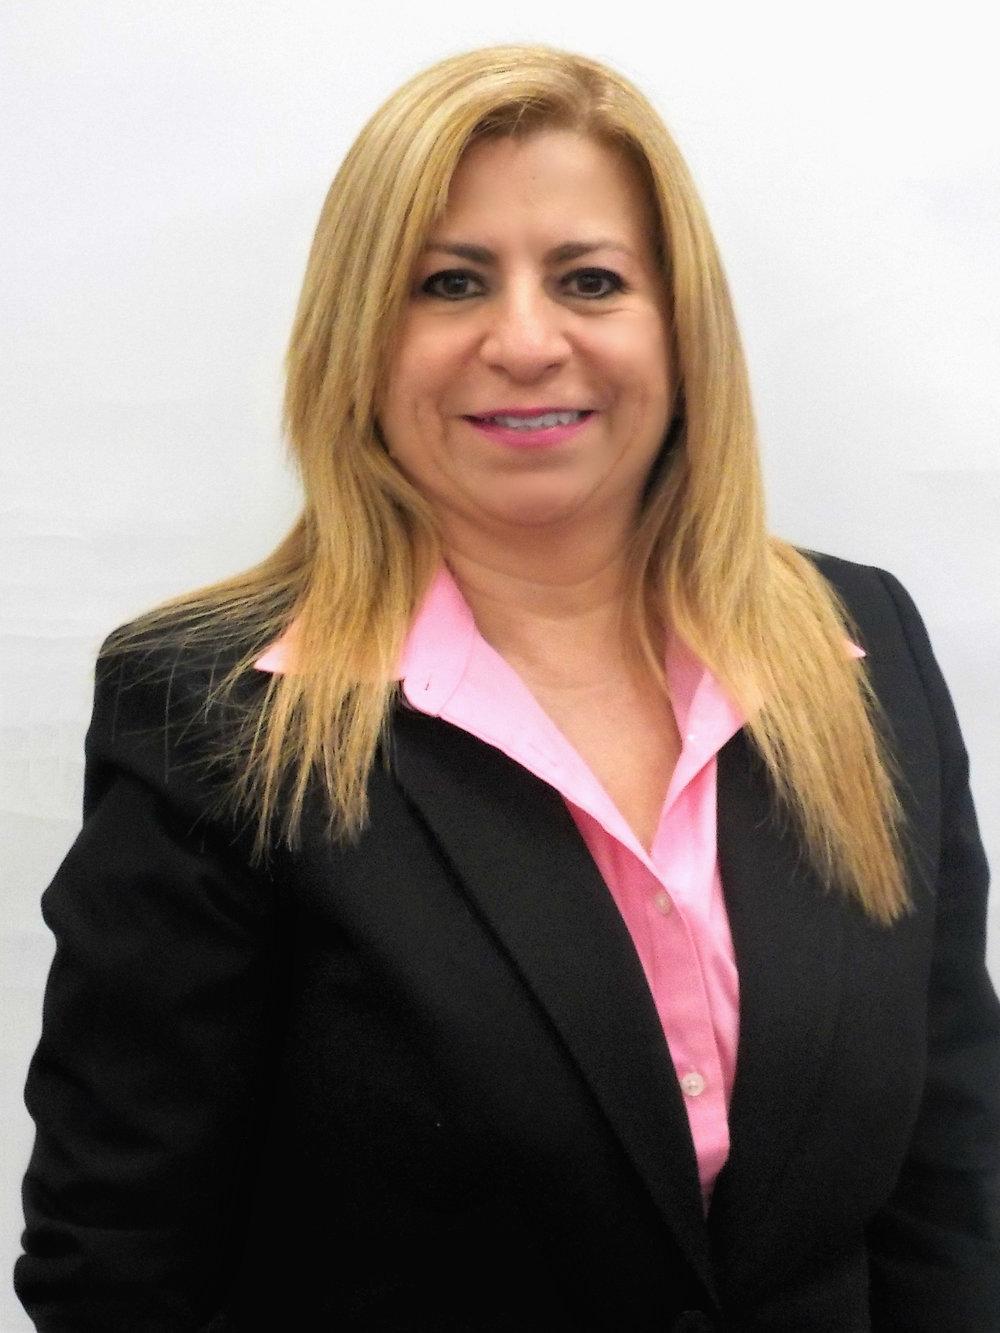 Carmen Leonor Maldonado